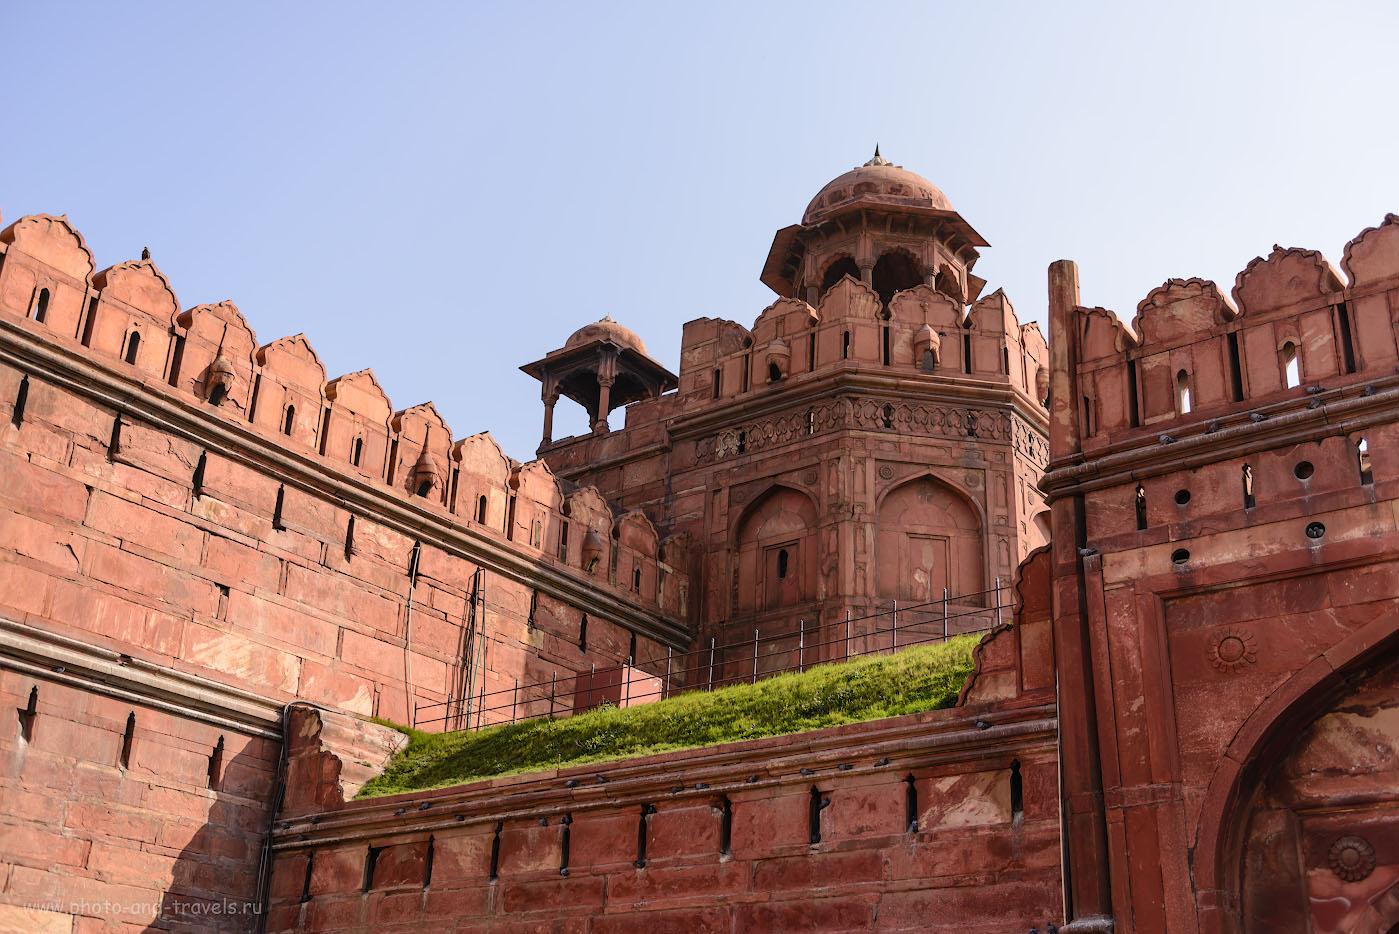 Фотография 23. Архитектура Красного форта необычайно красива. Поездка в Индию самостоятельно. 1/1000, -0.67, 3.2, 100, 38.